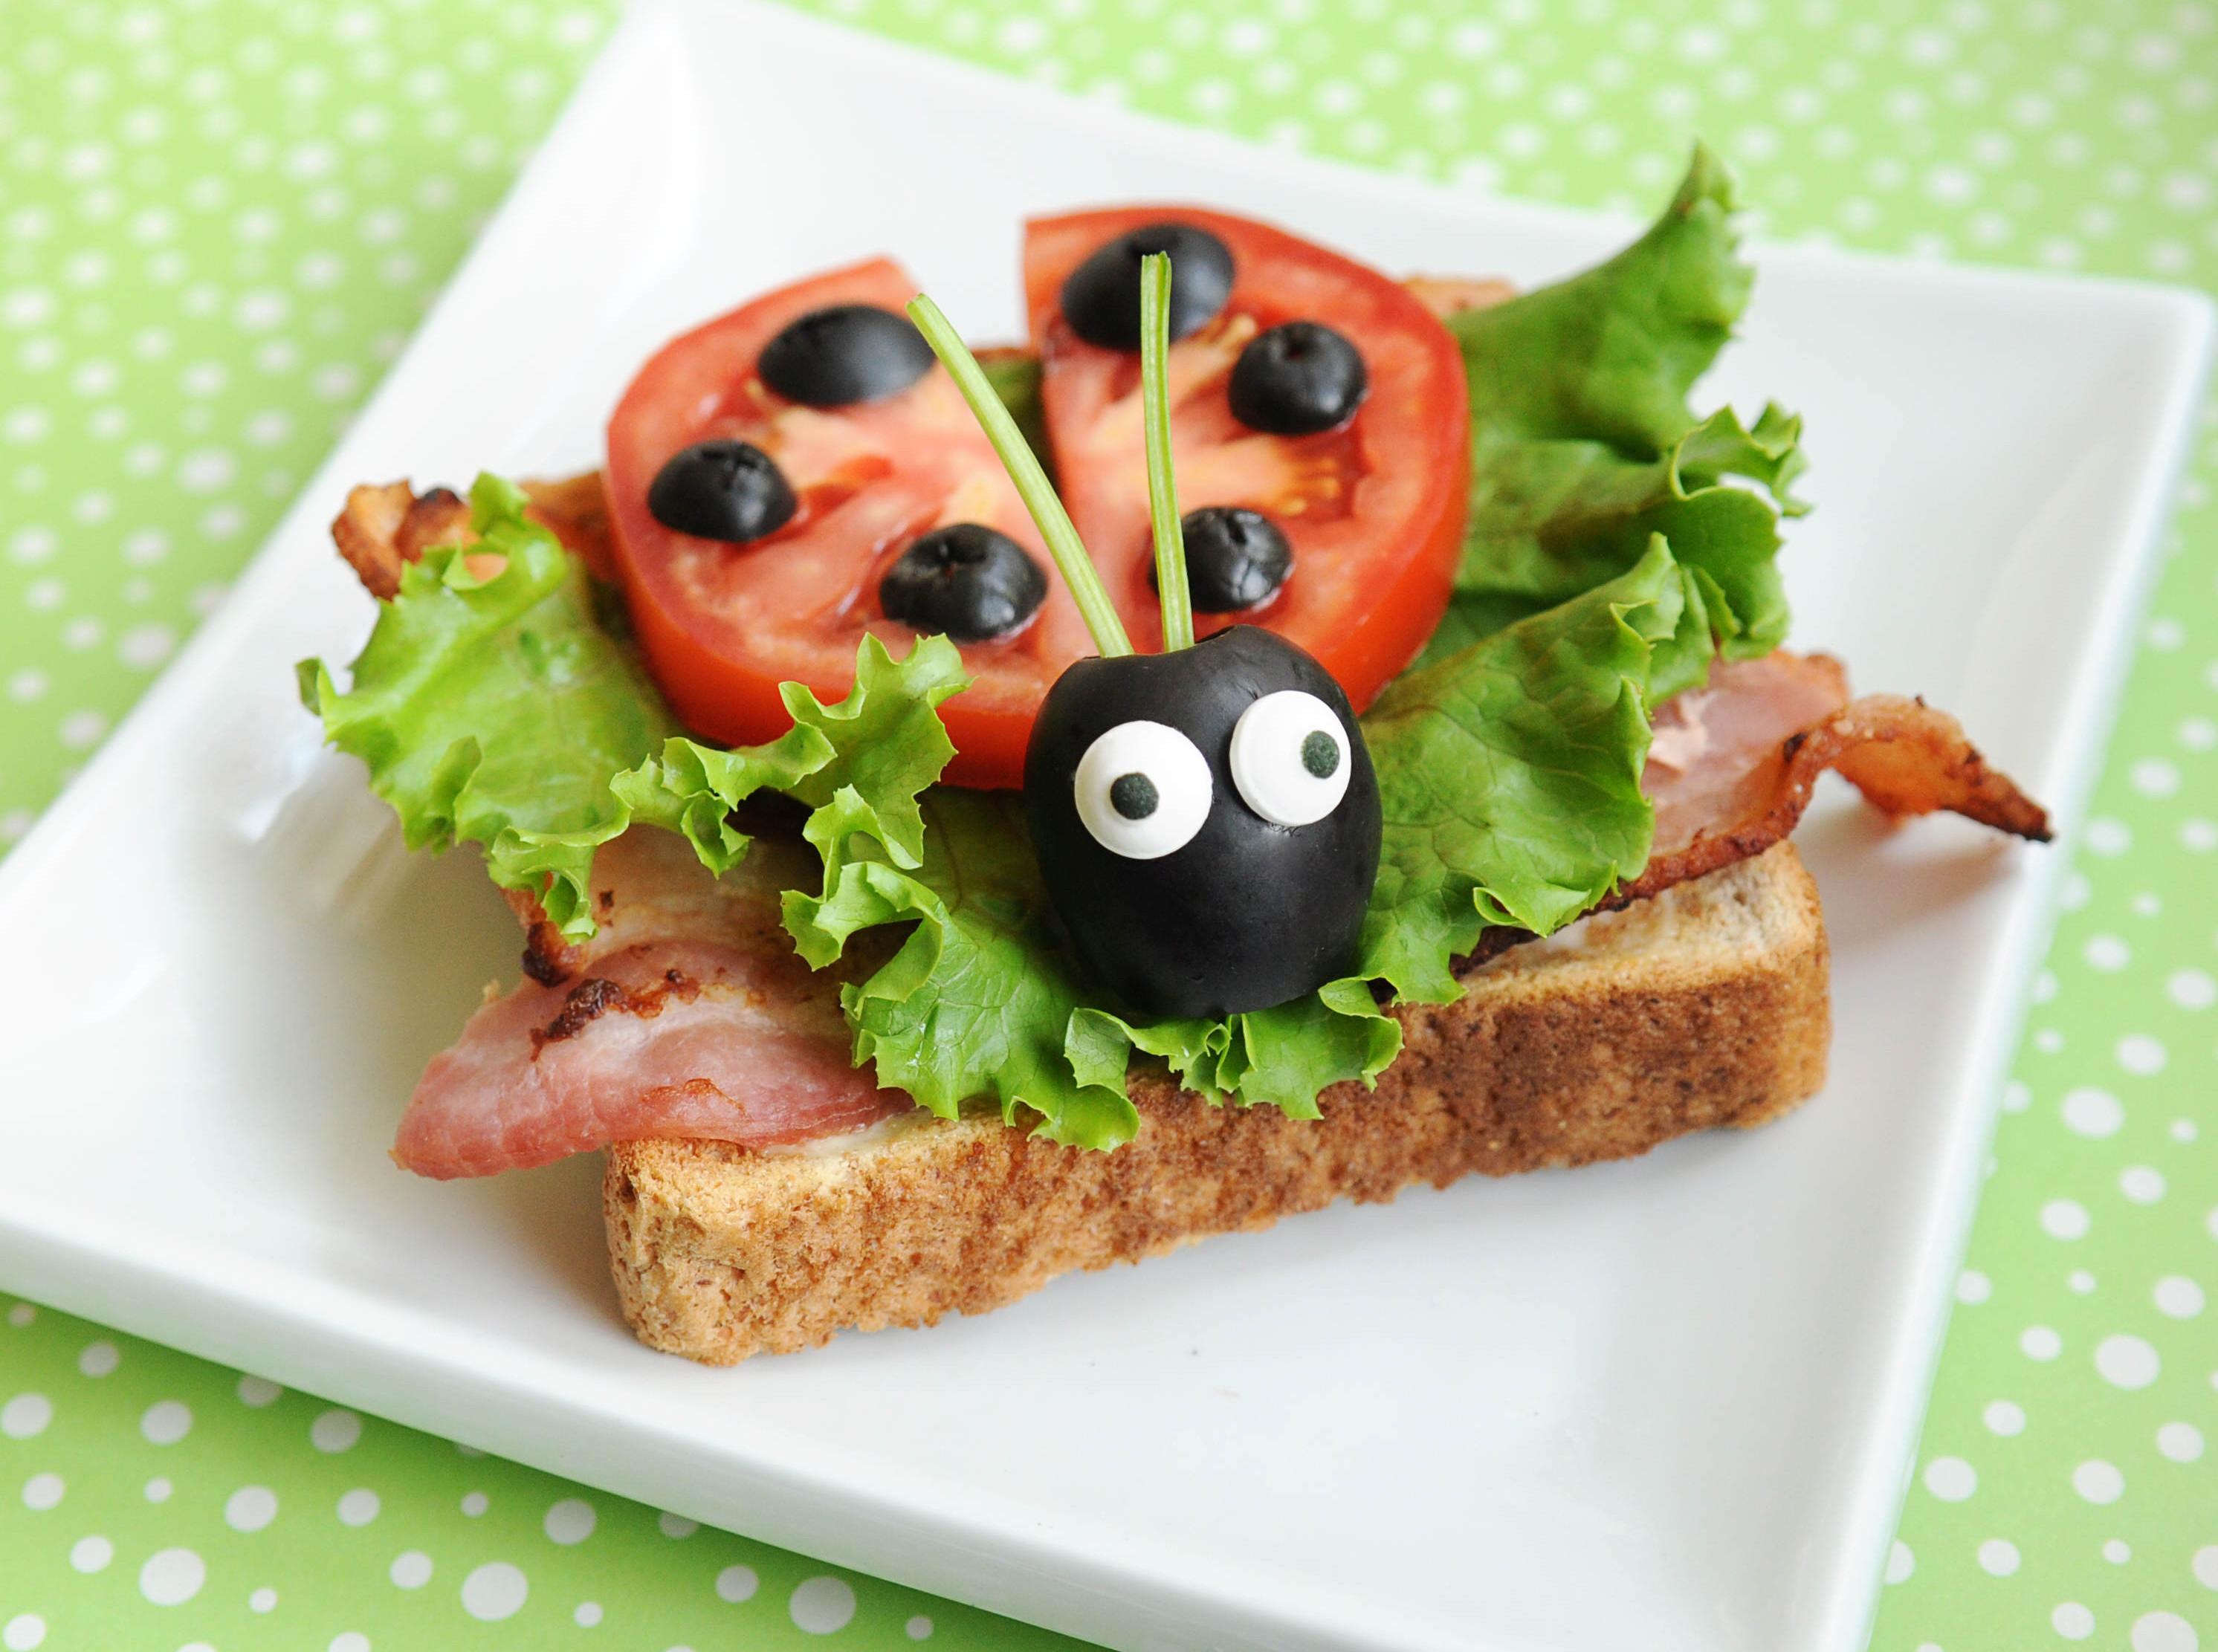 Klasik bir sandviç (jambon ve peynir ile birlikte) doyurucu bir kahvaltı için mükemmel bir seçenektir 86